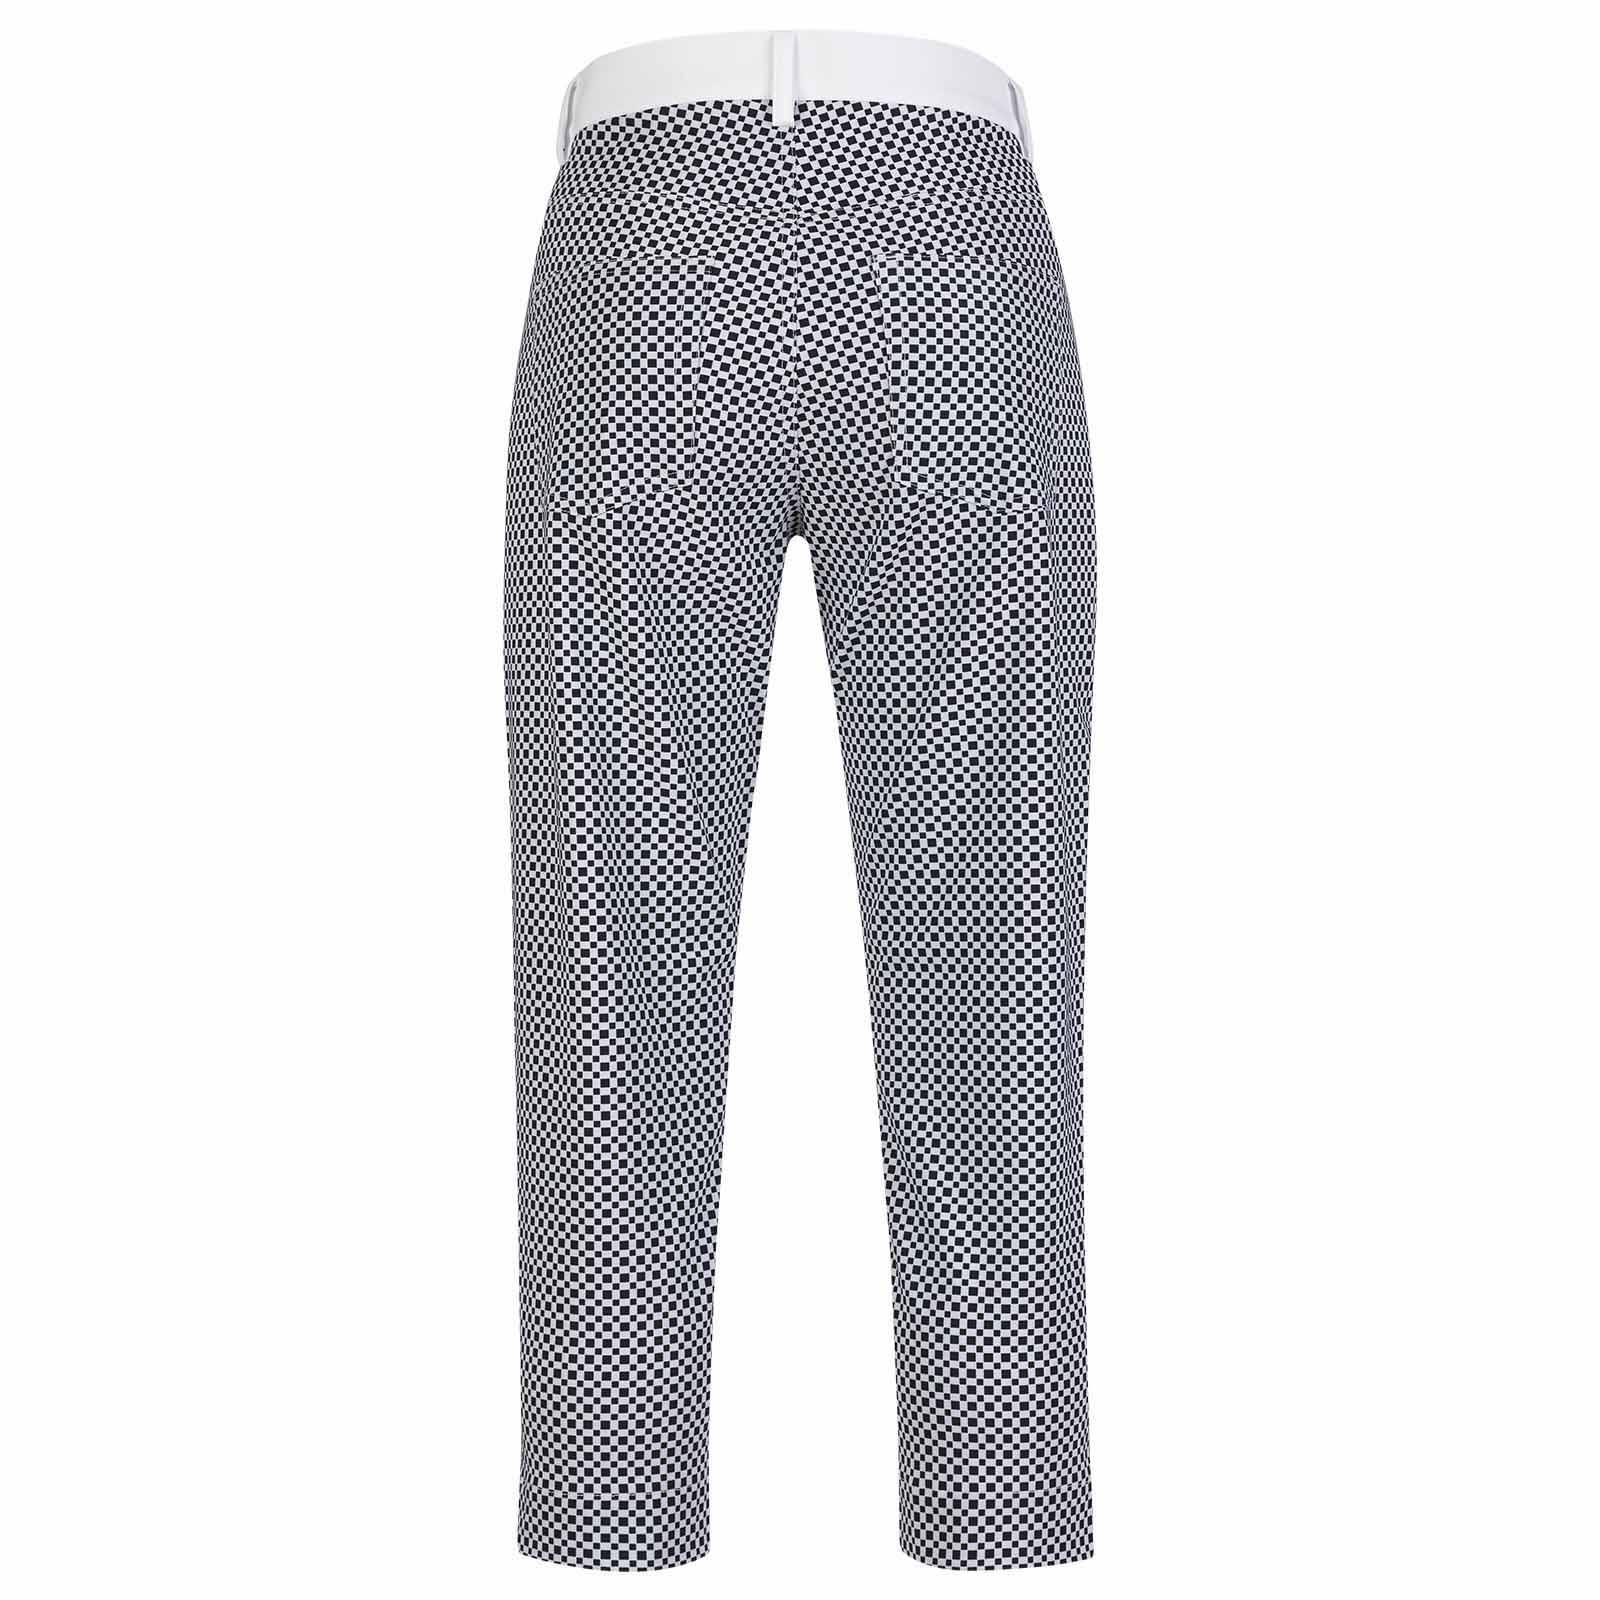 Damen Golf-Caprihose wasserabweisend mit modischem Muster